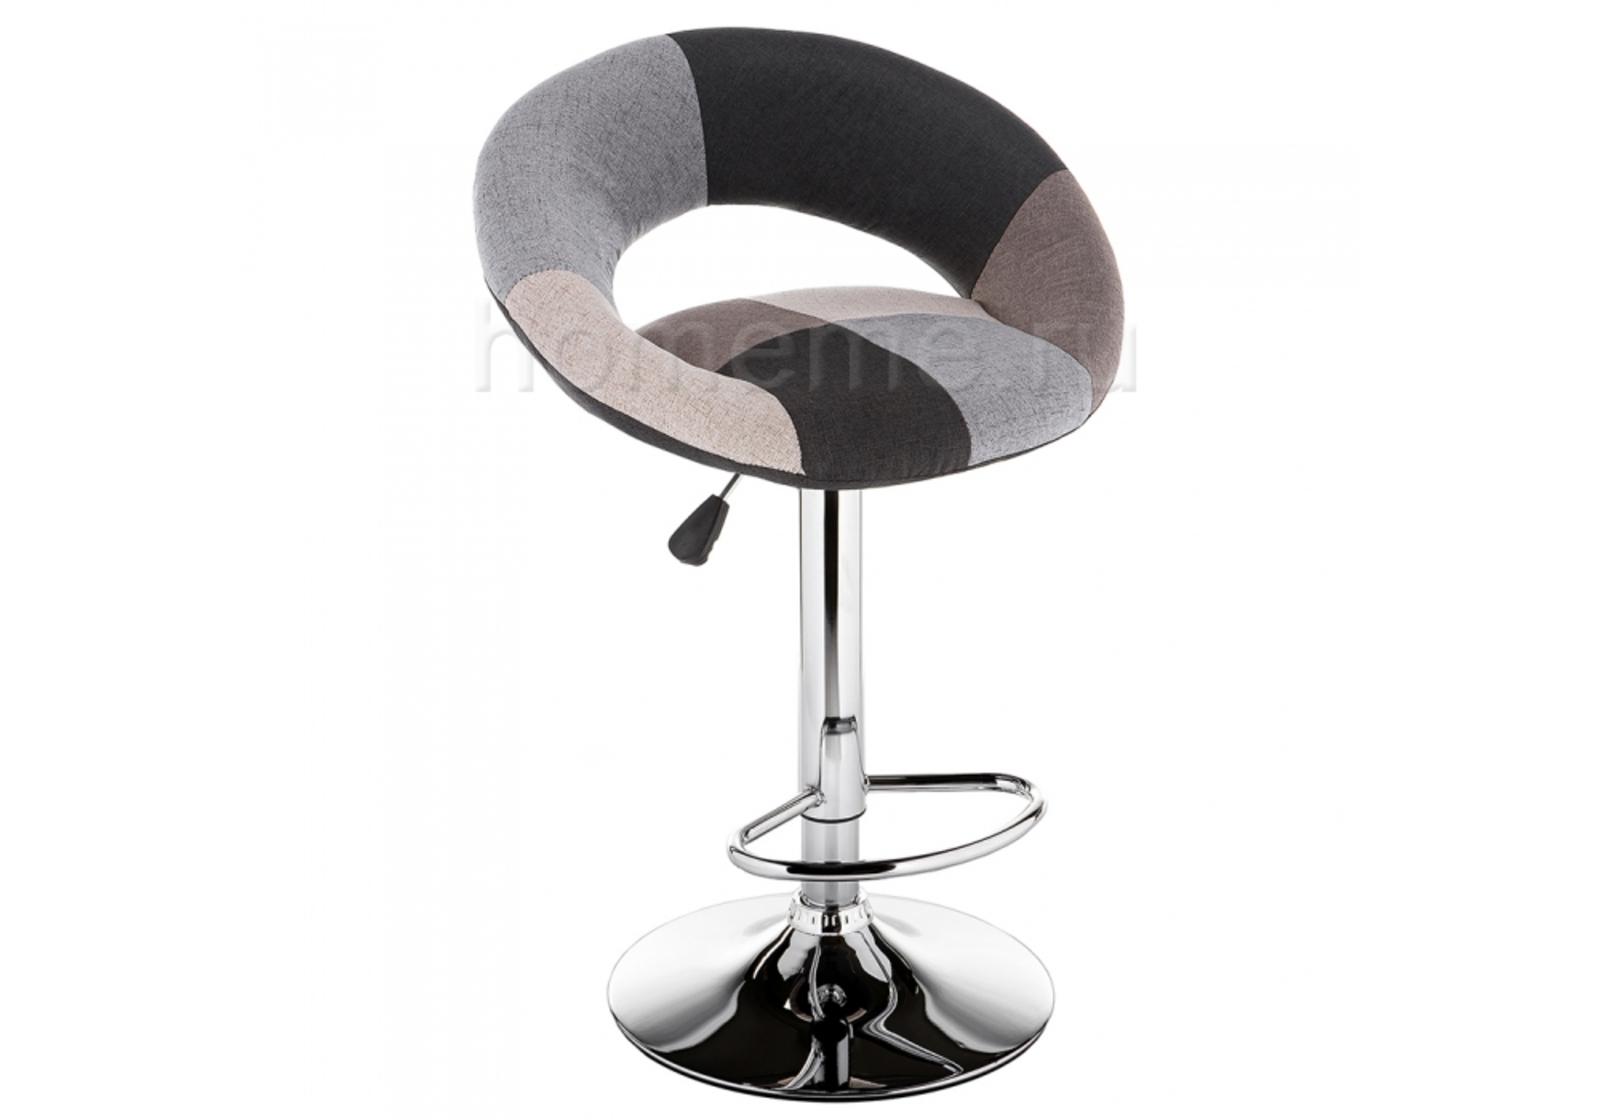 Барный стул Cody 11166 Cody 11166 (15041)